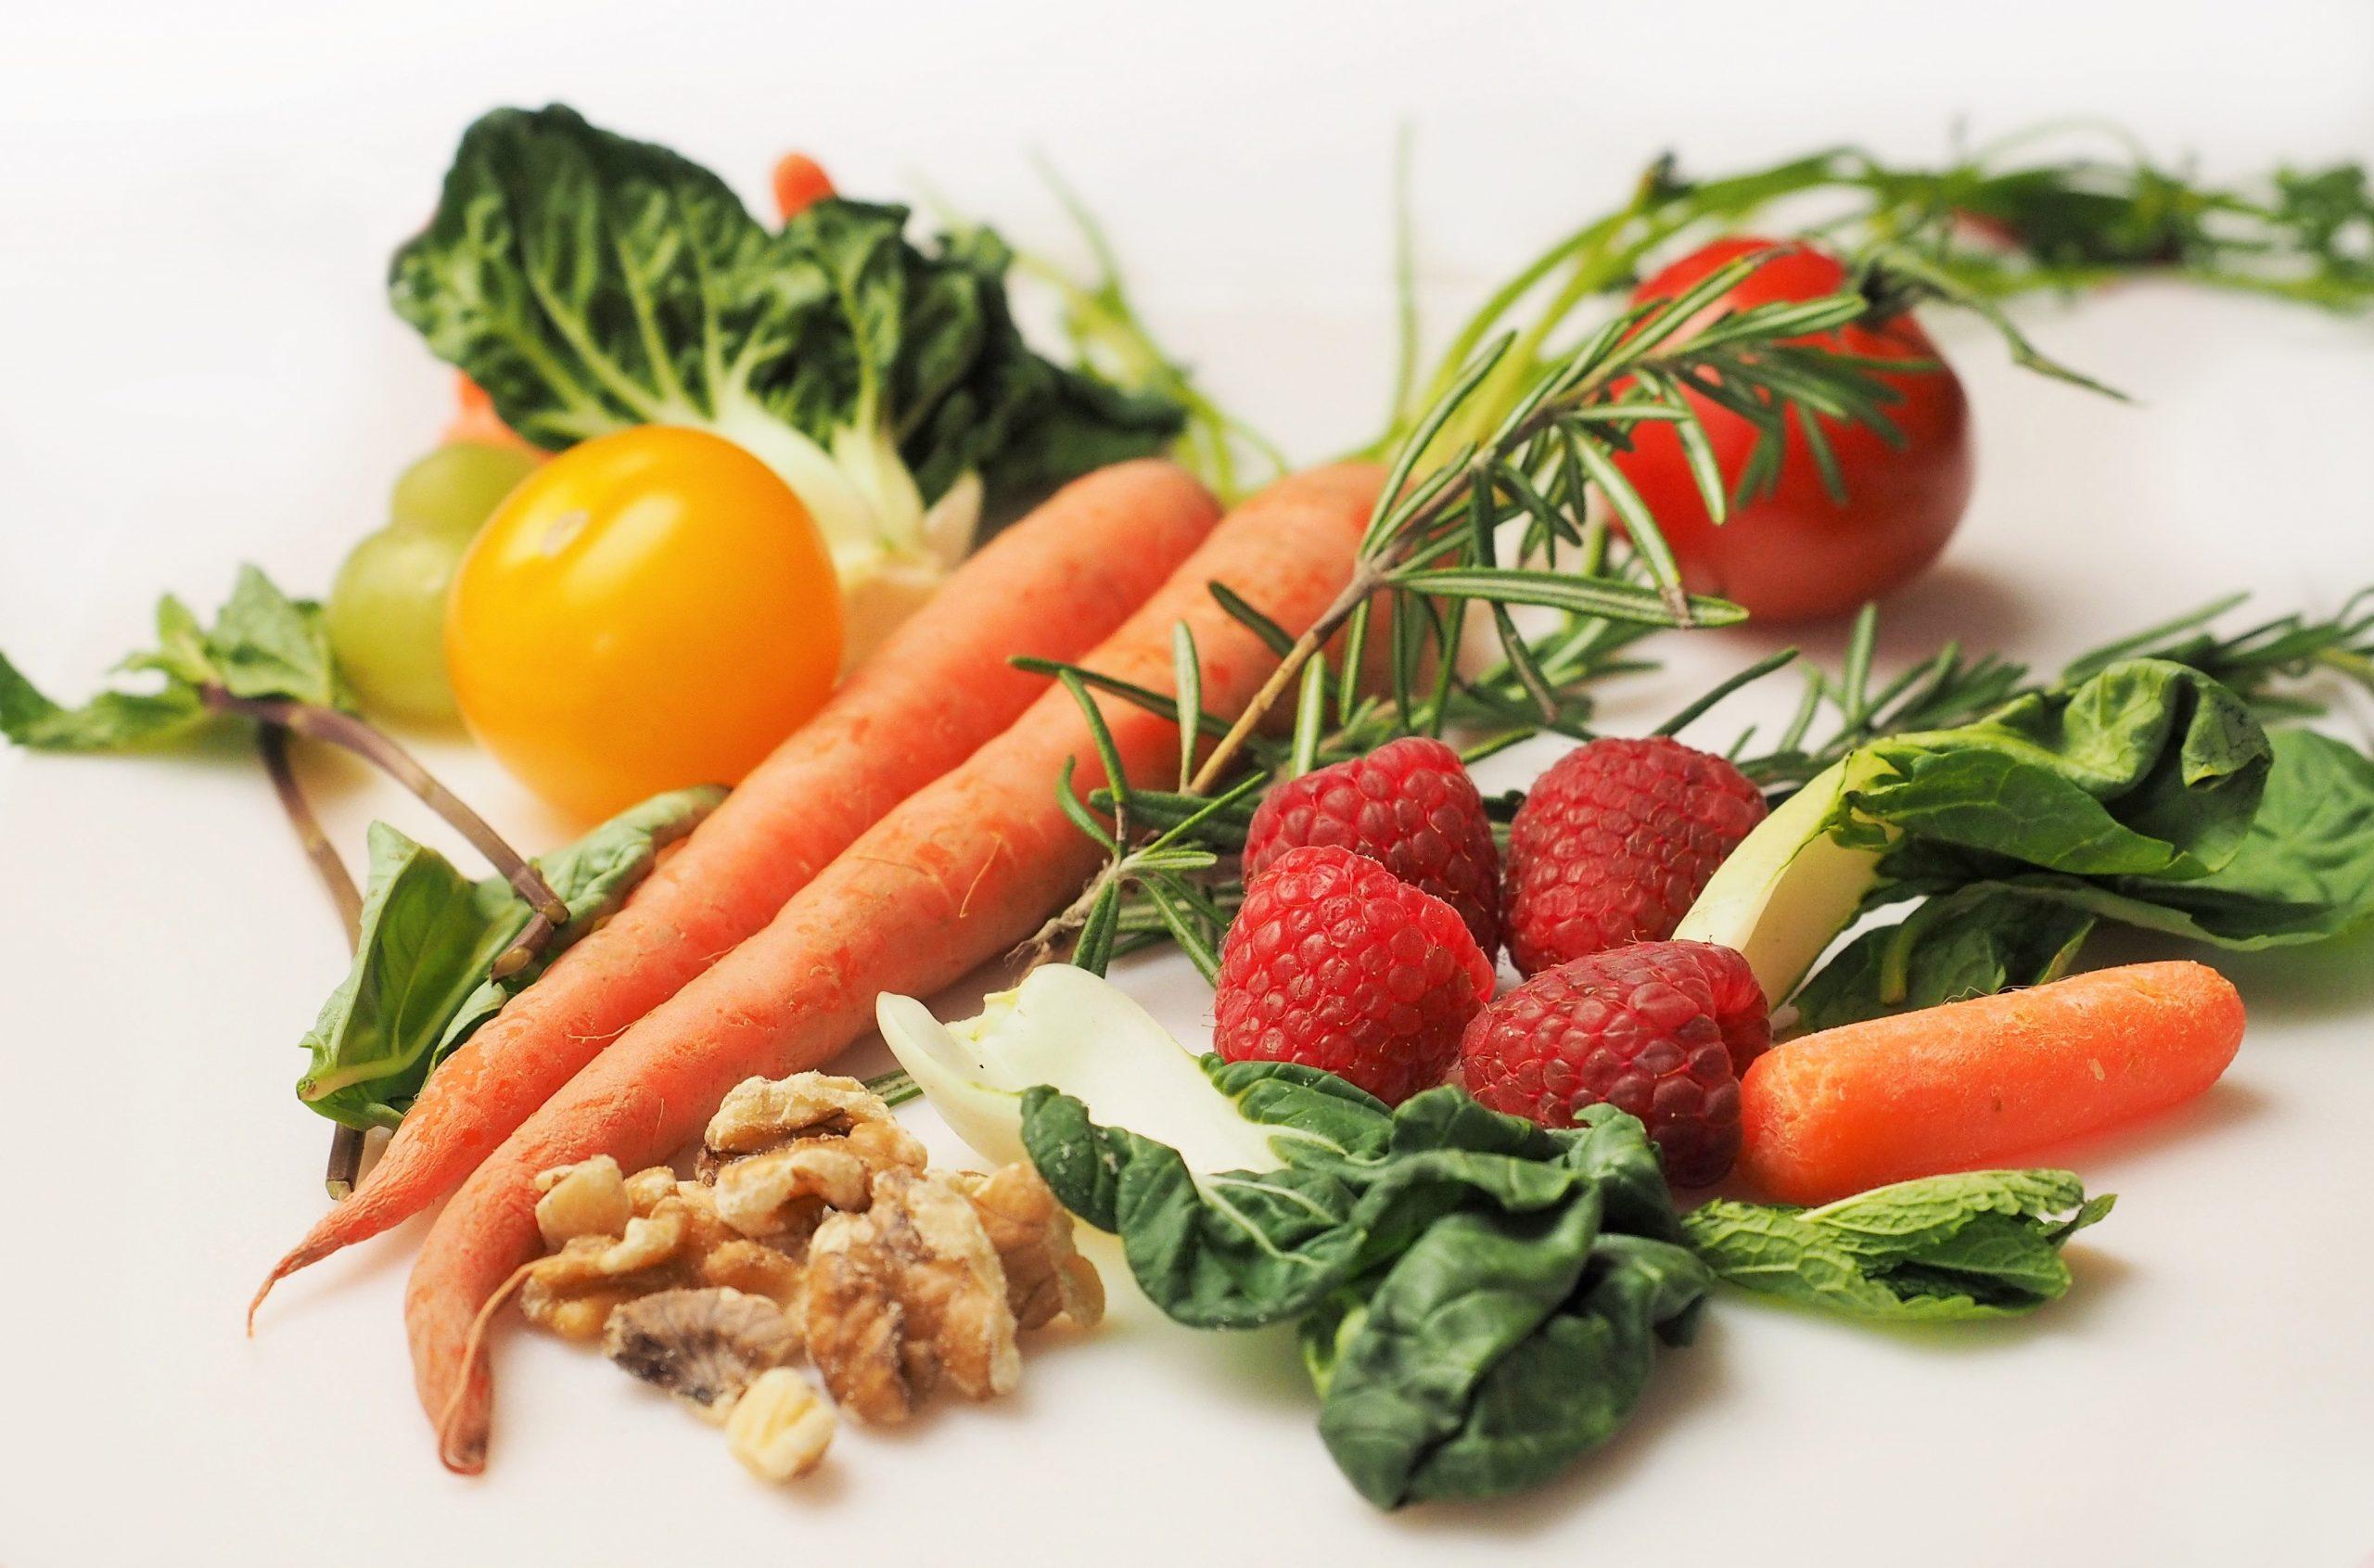 פירות וירקות, תזונה טבעית